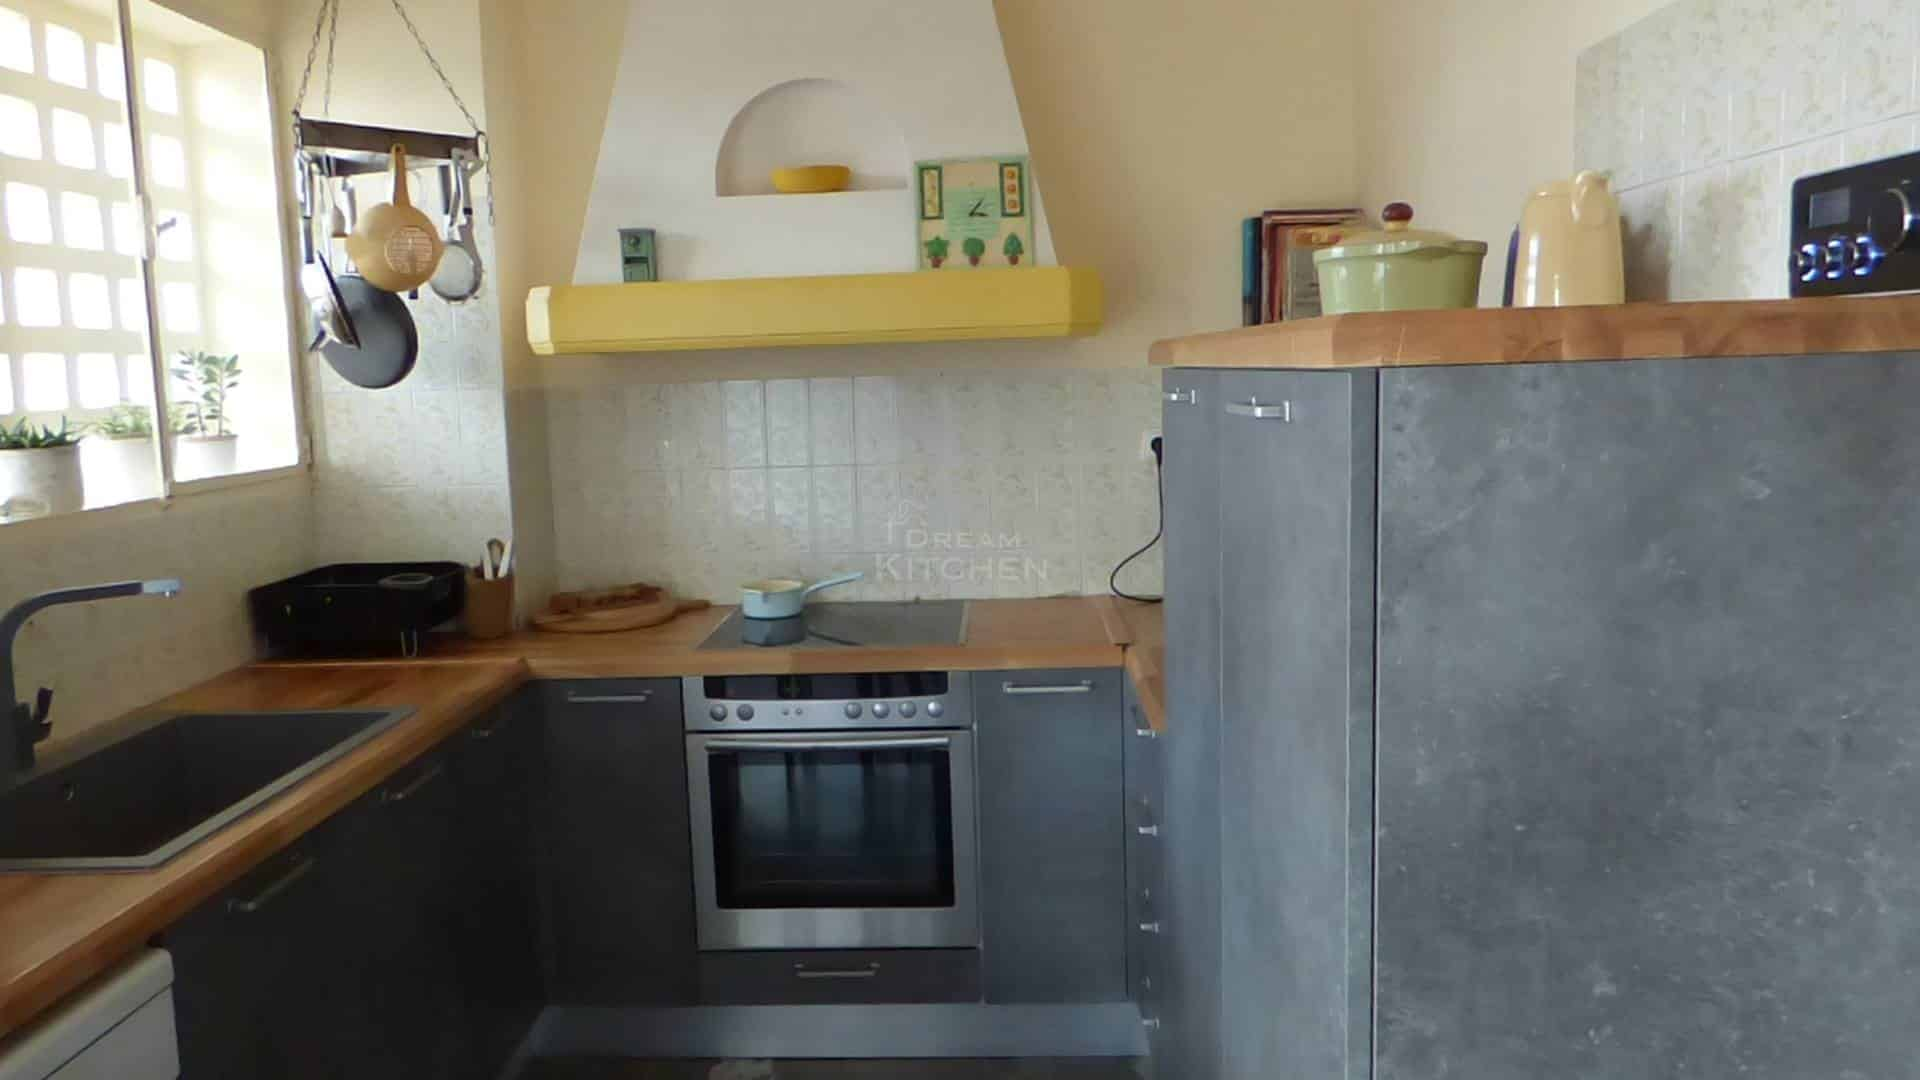 Κουζινα Τσιμεντενια με Μασιφ Παγκο 40